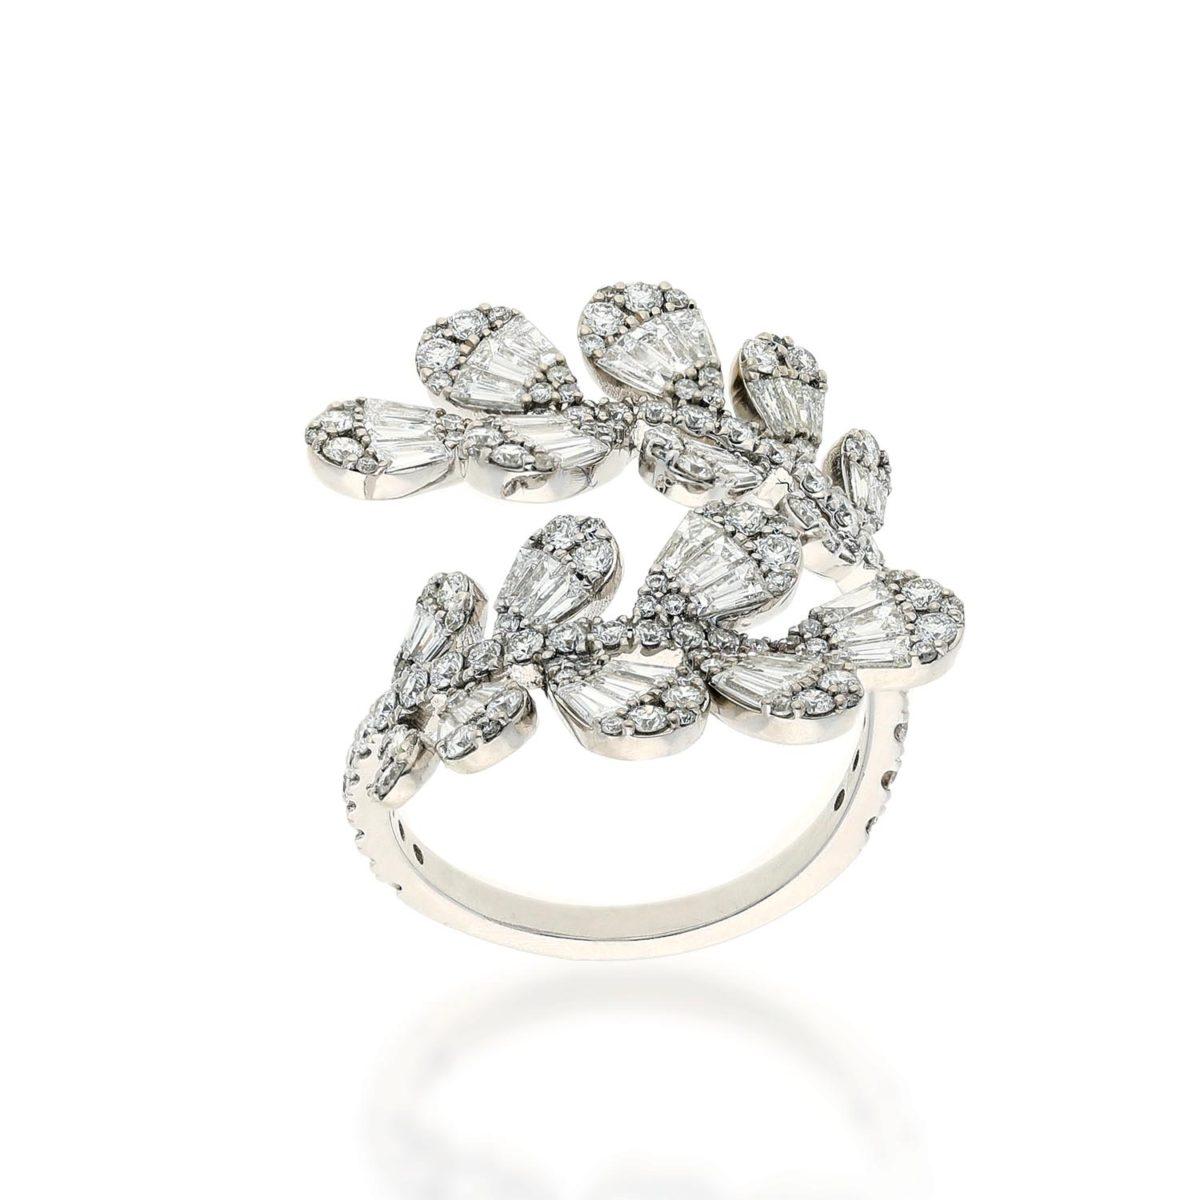 Diamond RingStyle #: RIU-38359